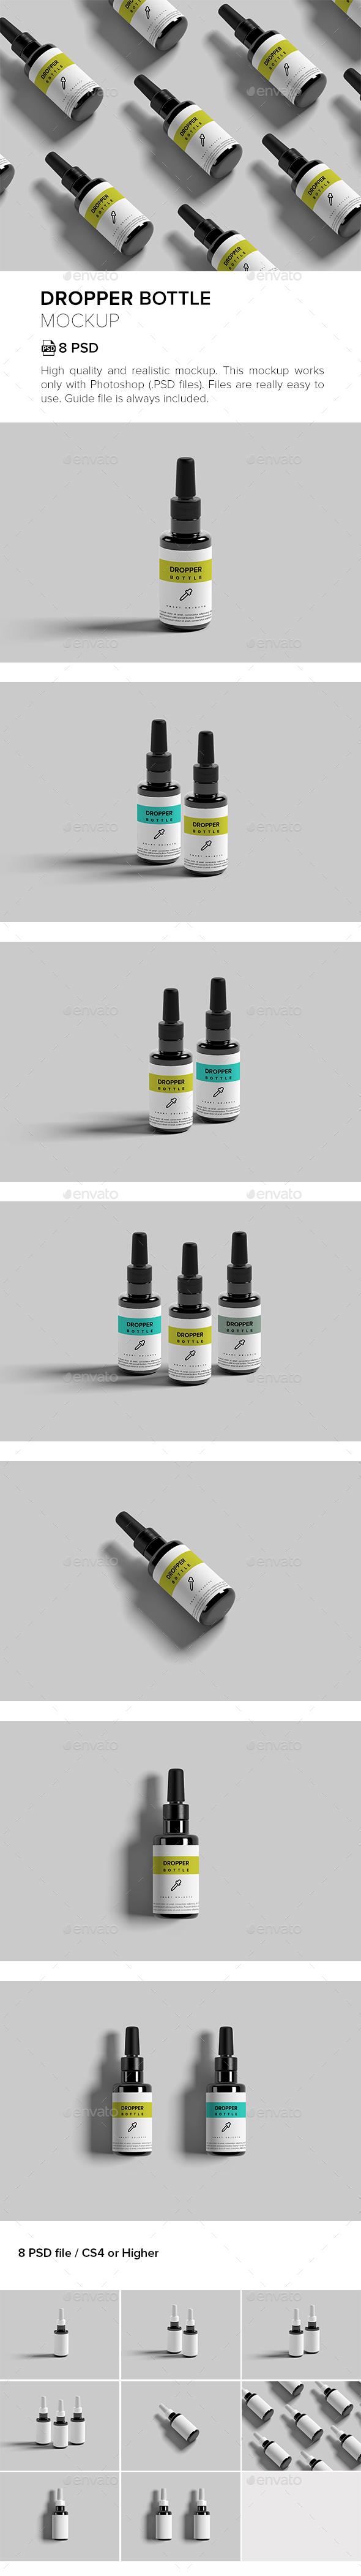 Dropper Bottle Mock-ups - Packaging Product Mock-Ups